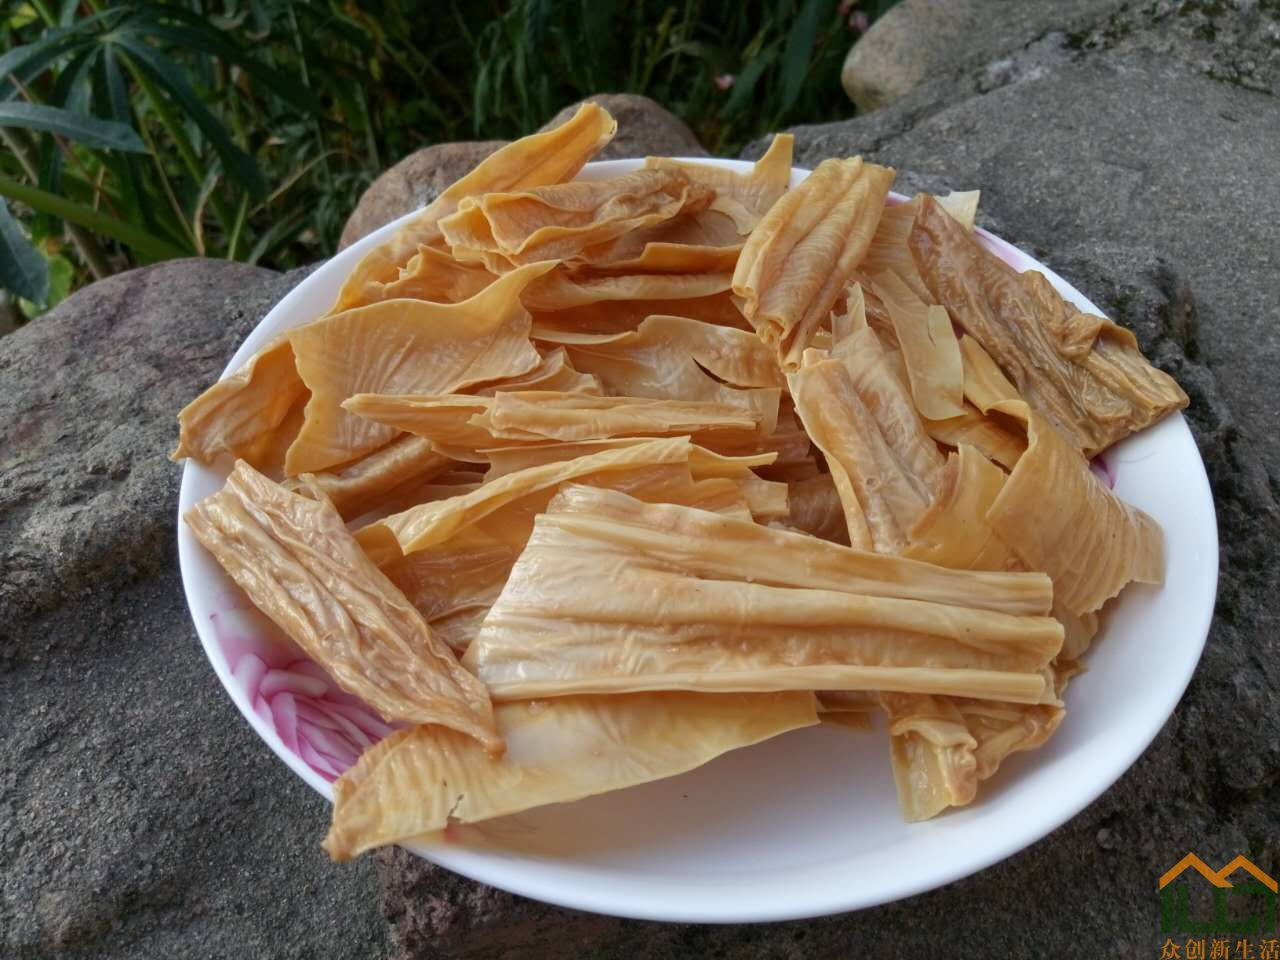 客家传统美食:豆腐支(腐竹)